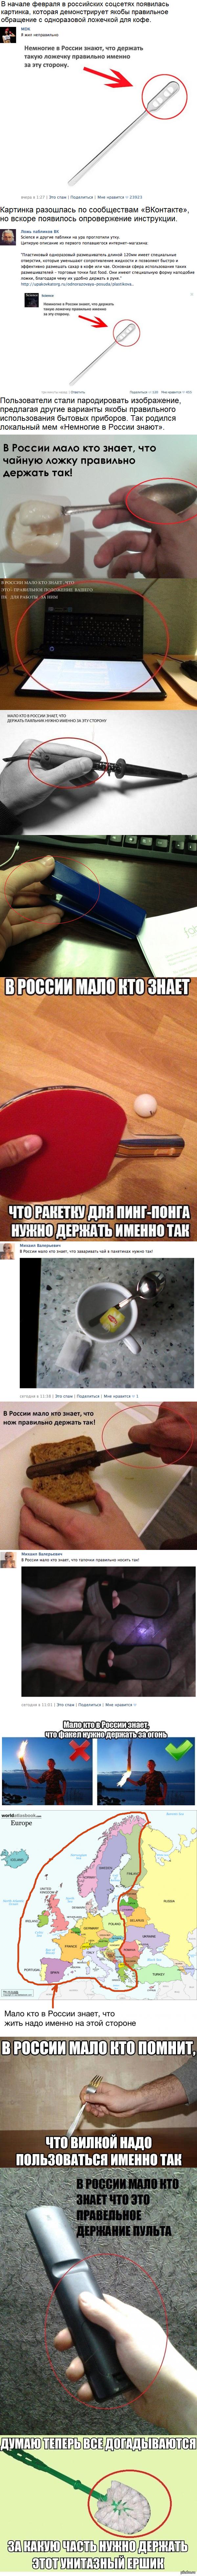 Мем: Мало кто в России знает В Рунете появился новый мем — «немногие знают». С этой надписью пользователи делятся описанием того, что россияне якобы неправильно используют.